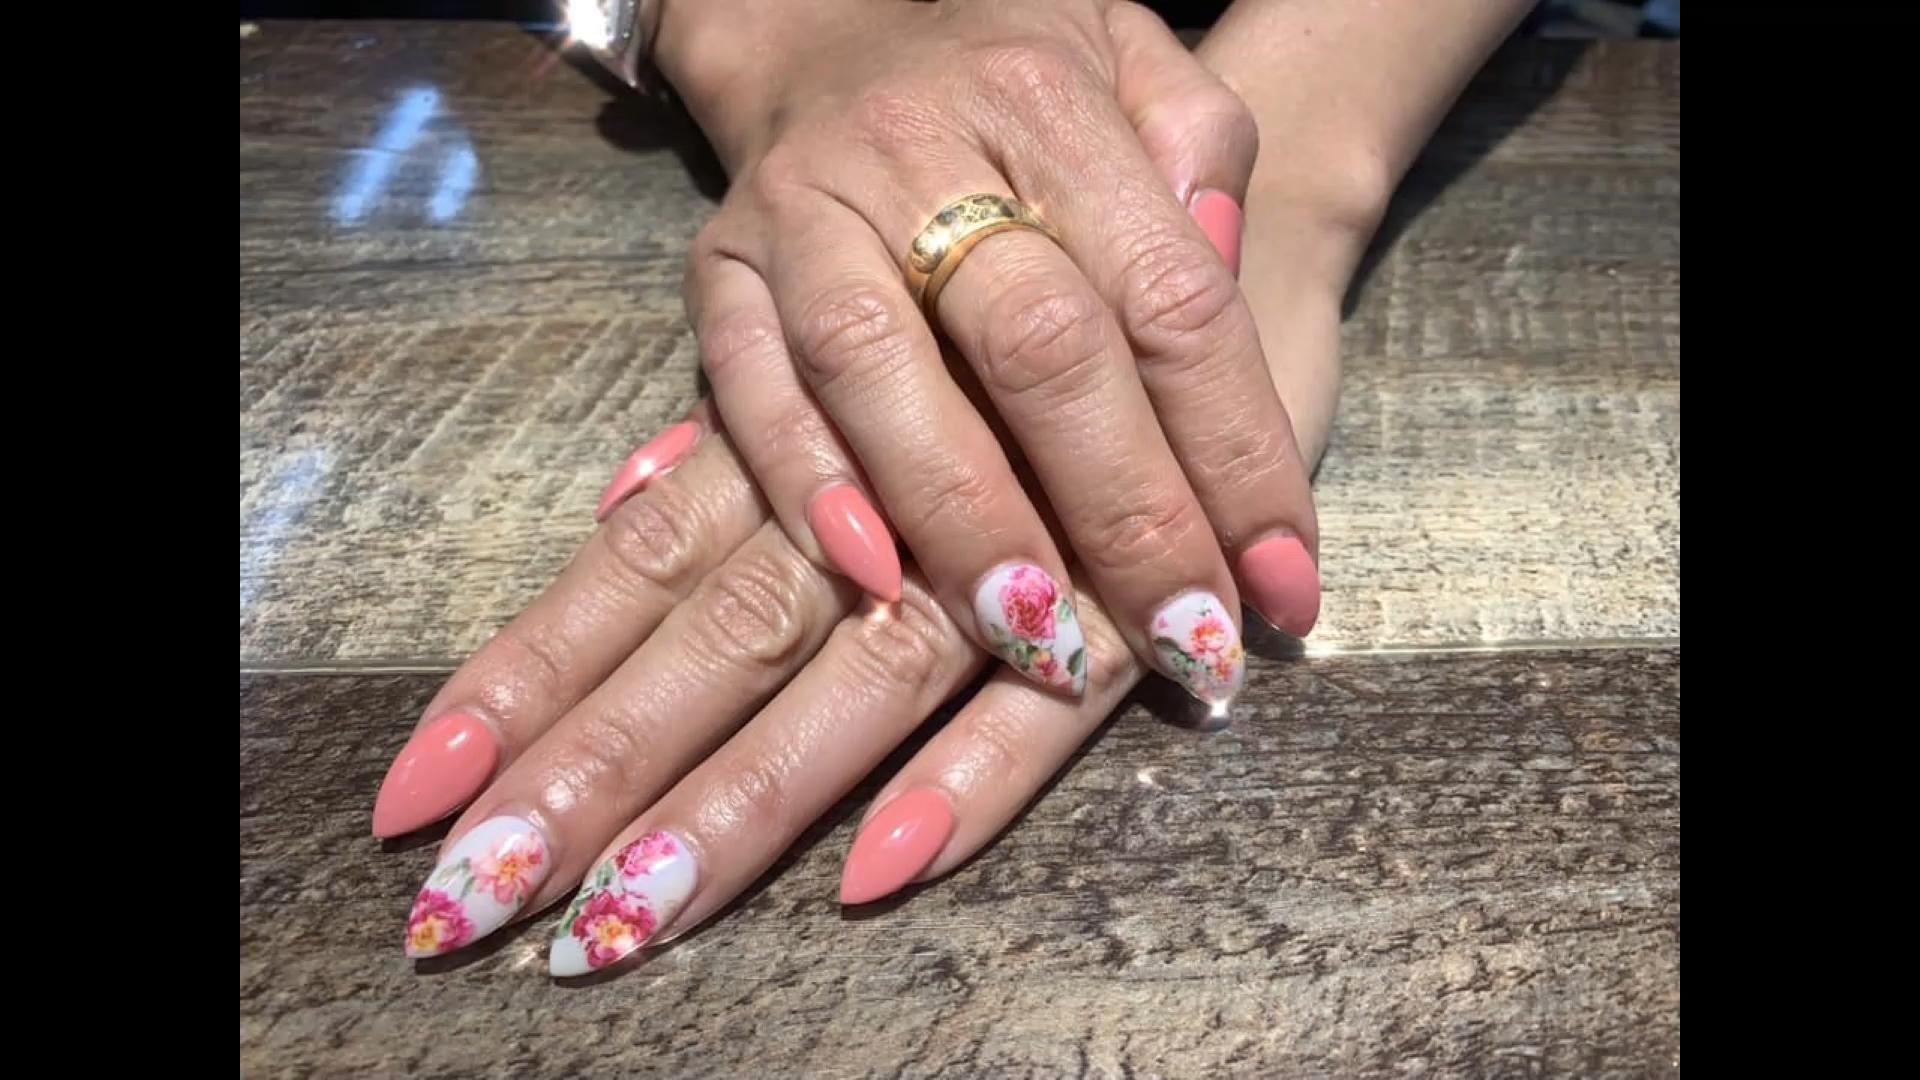 Nail Salon 92673 Bellagio Nails And Spa San Clemente California 92673 Video Nail Polish Nails Gel Nails